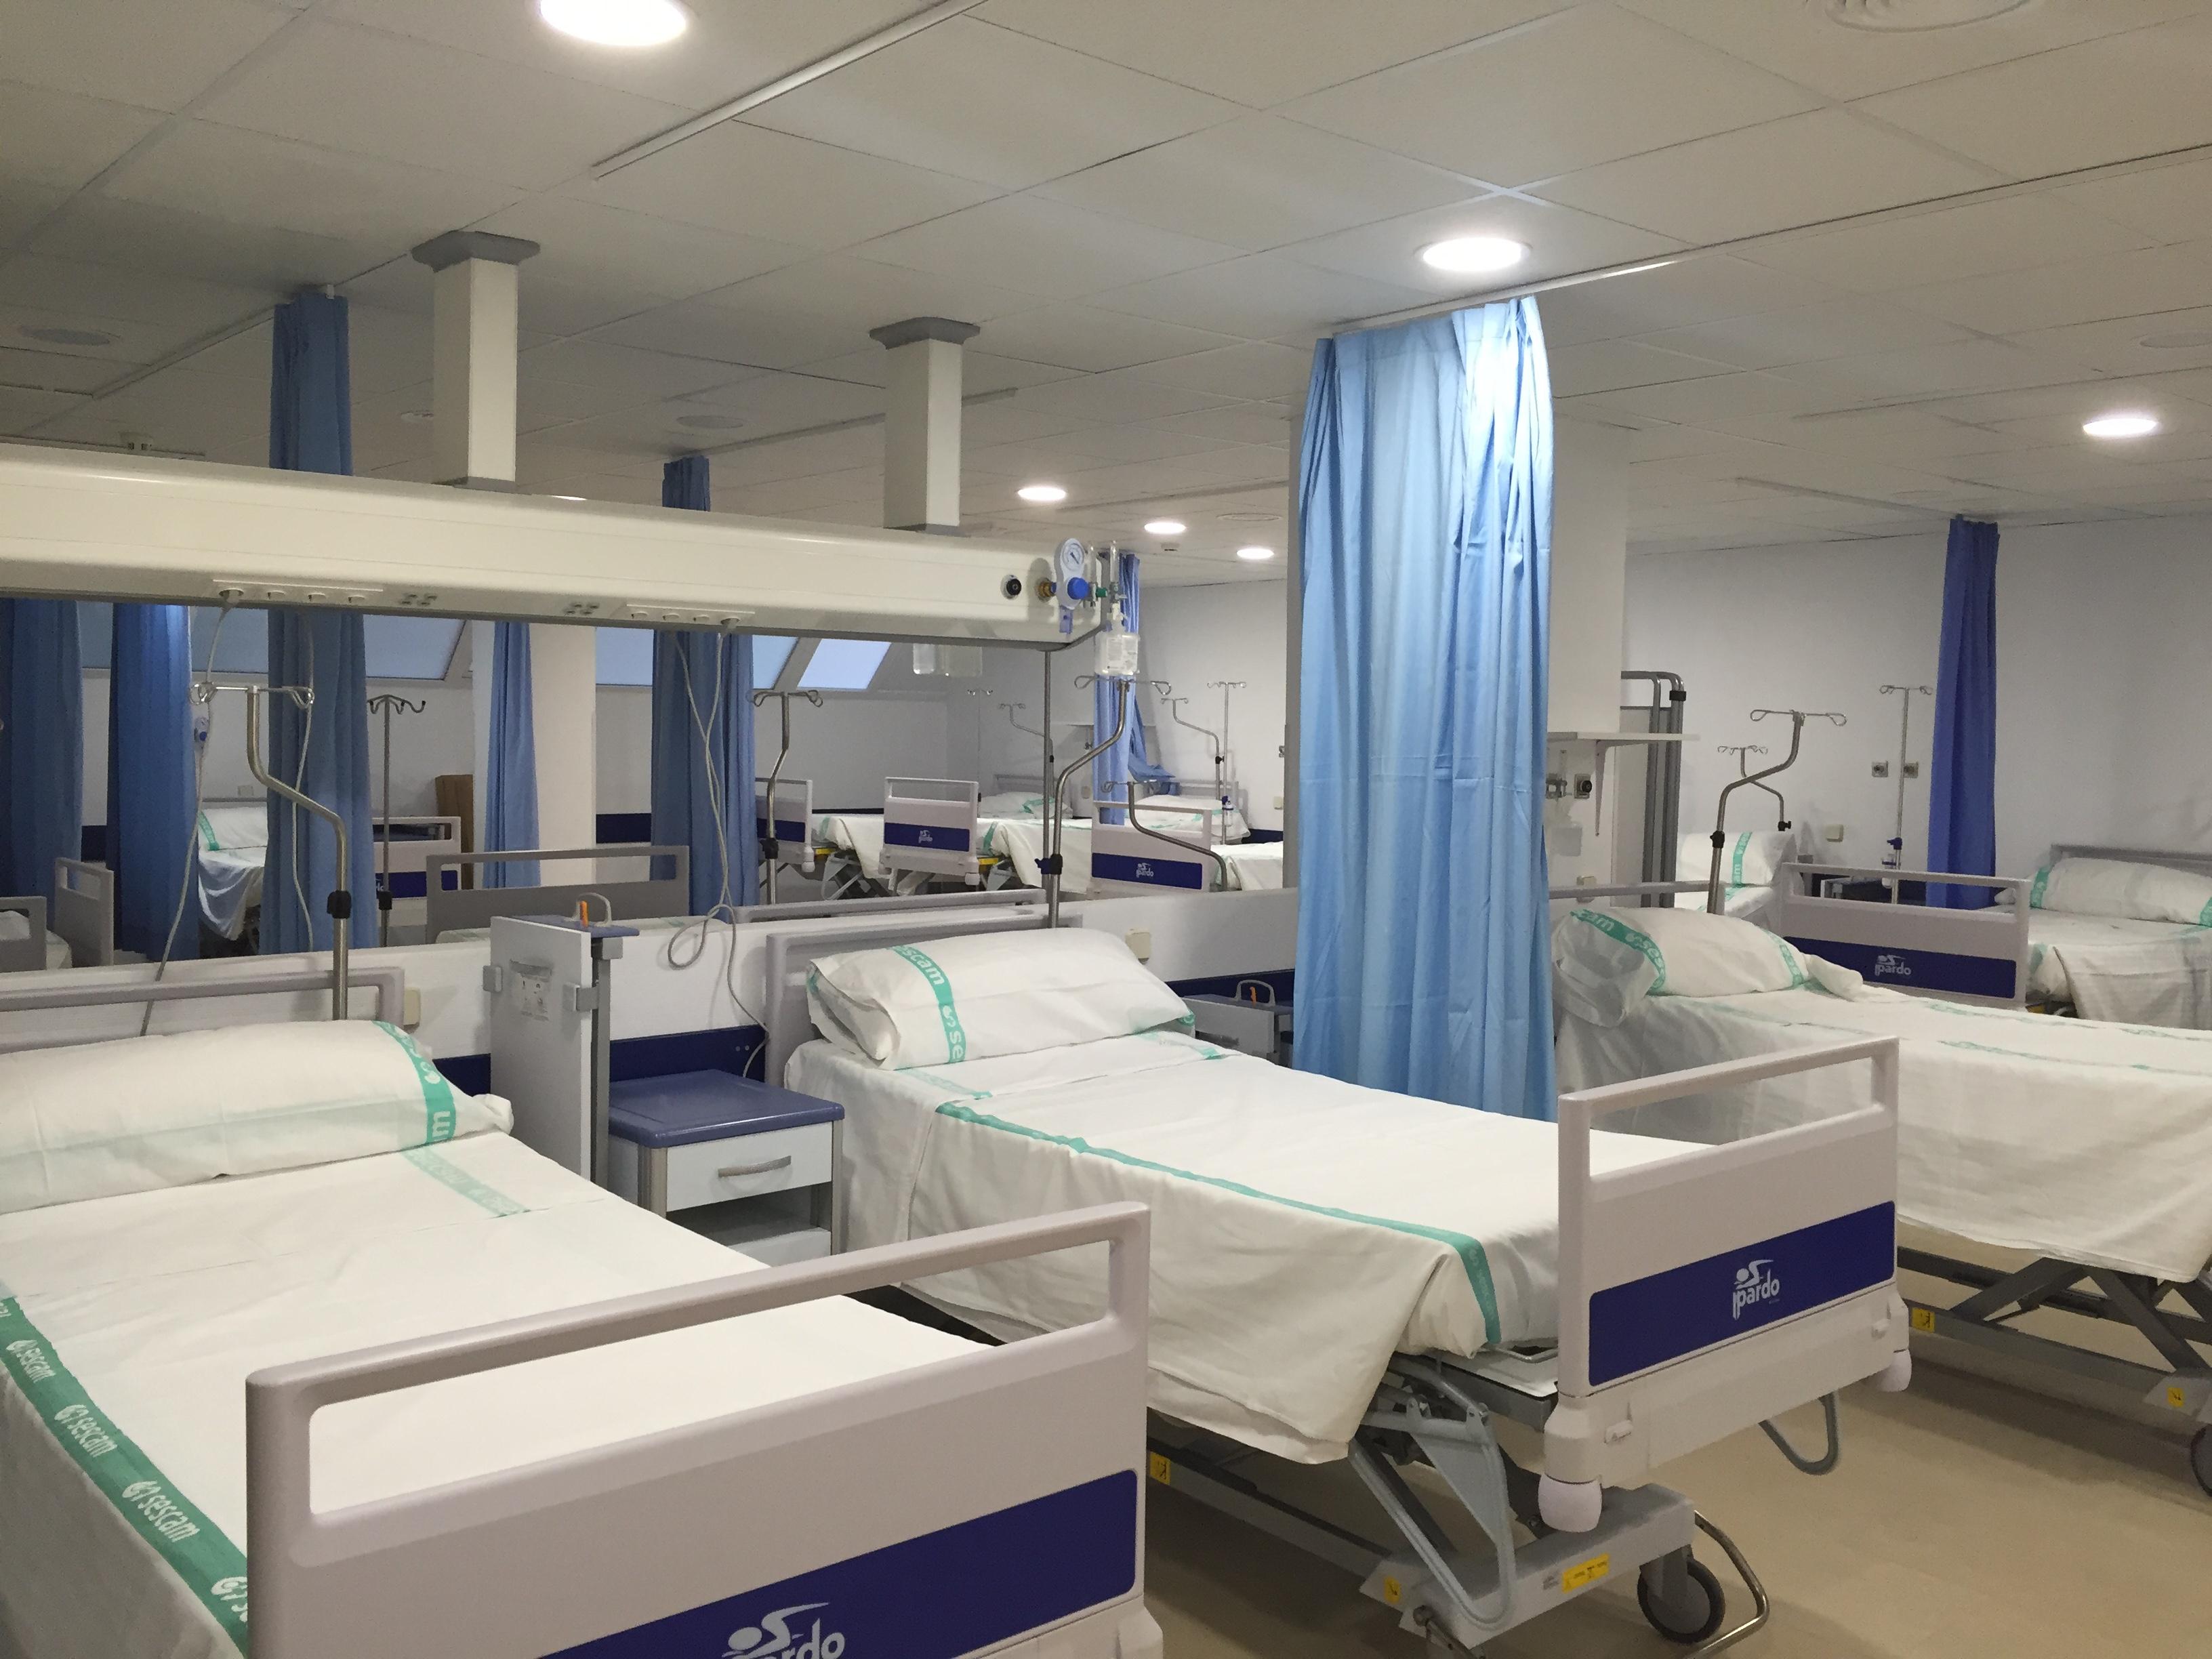 Nueva Unidad de Observación de 19 camas en el Servicio de Urgencias del Hospital de Toledo